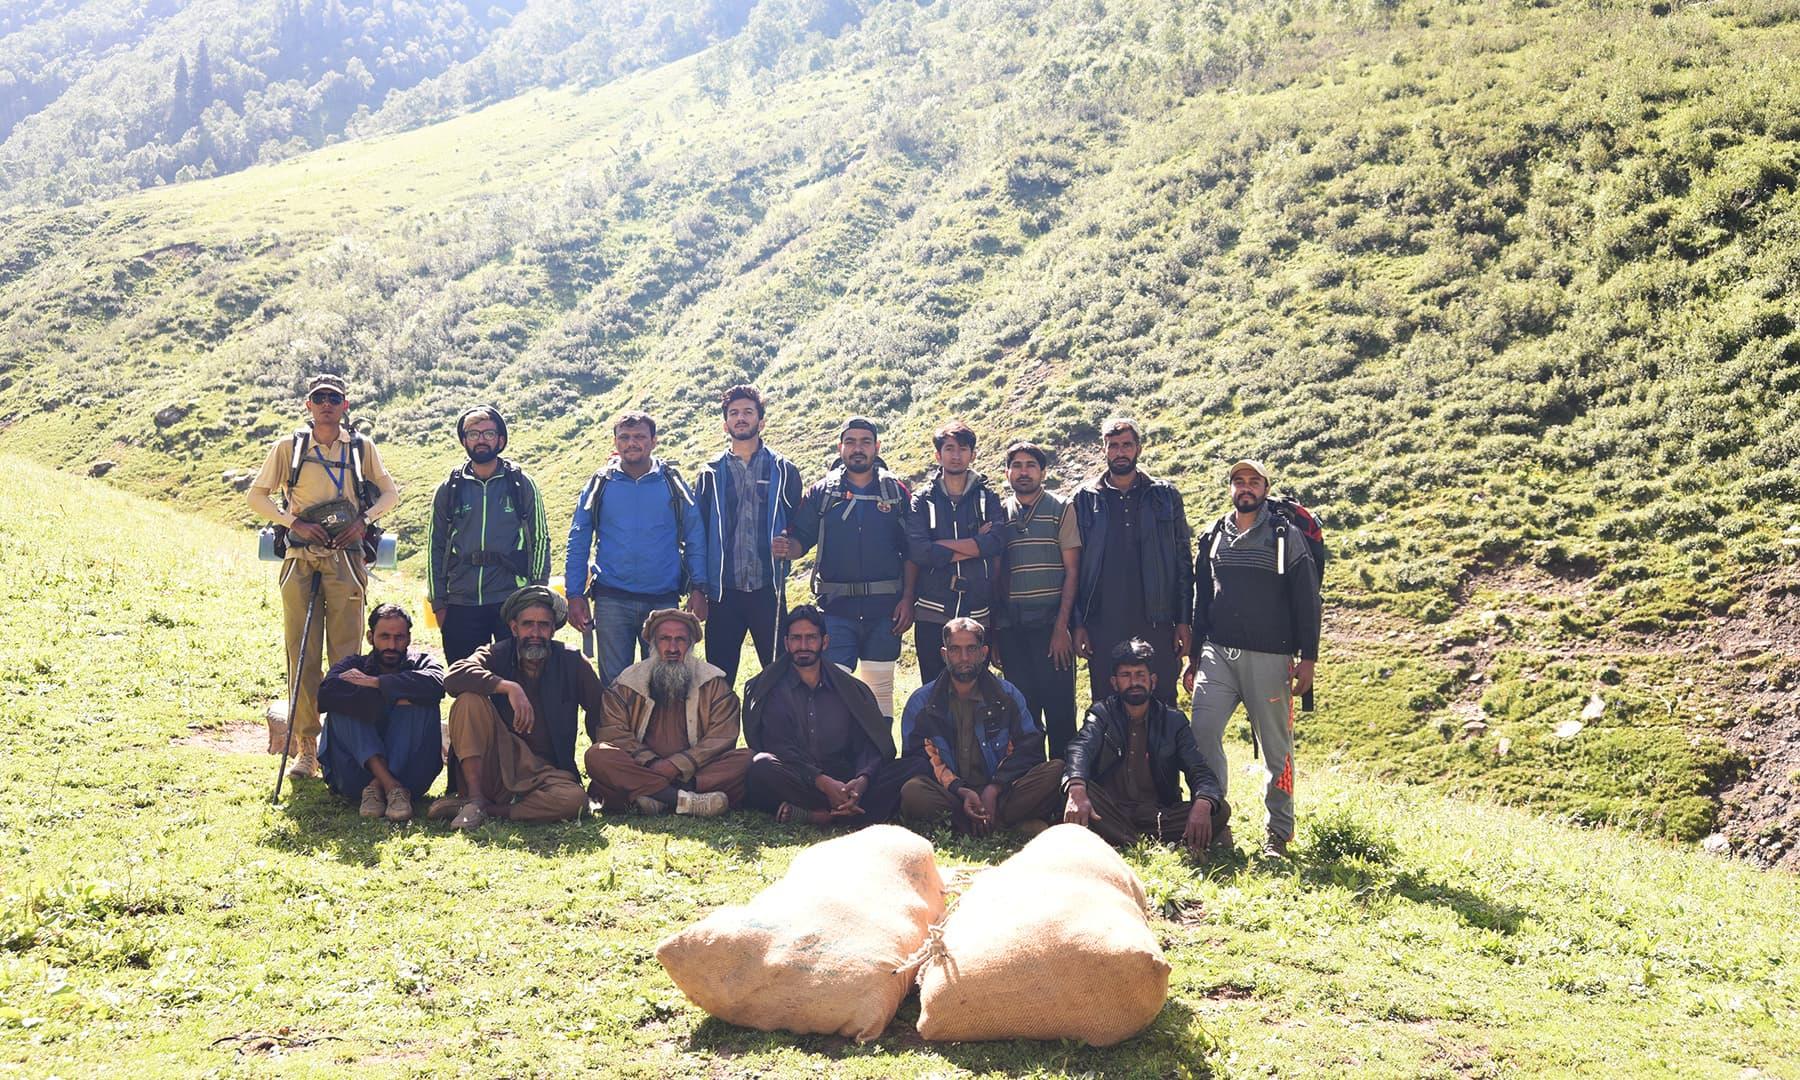 مہمان اپنے میزبانوں کے ساتھ—تصویر  سلمان خان